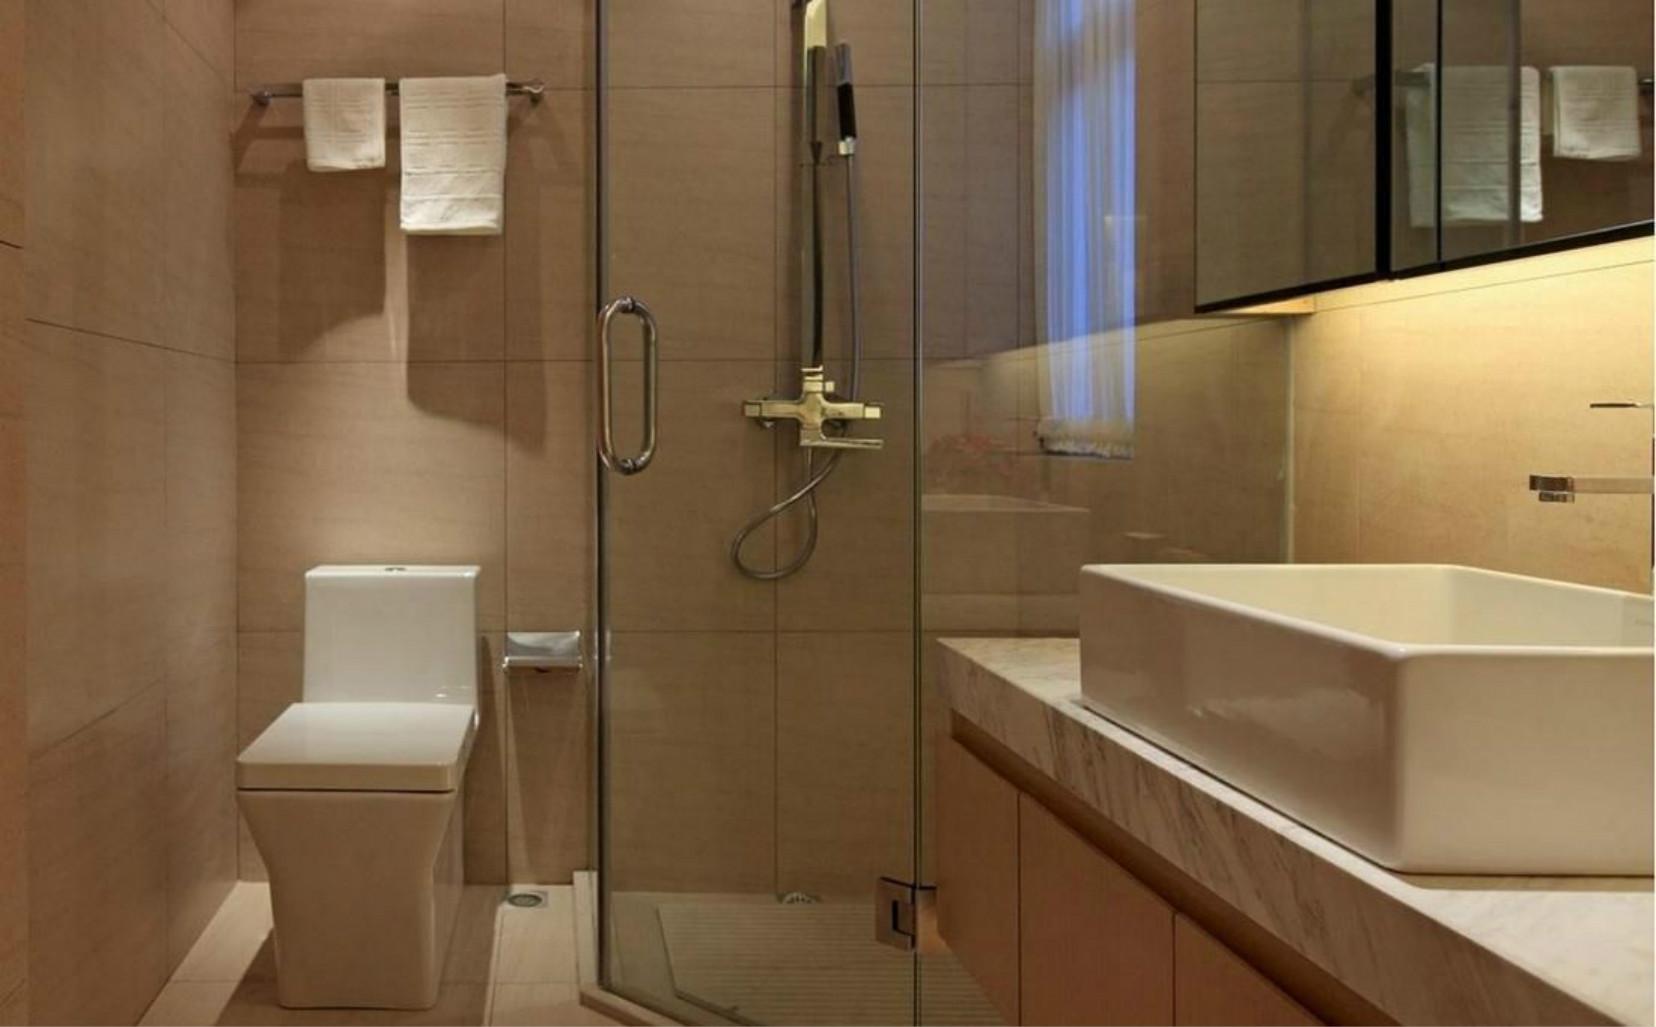 卫生间做了很好的干湿分离,整体简单干净